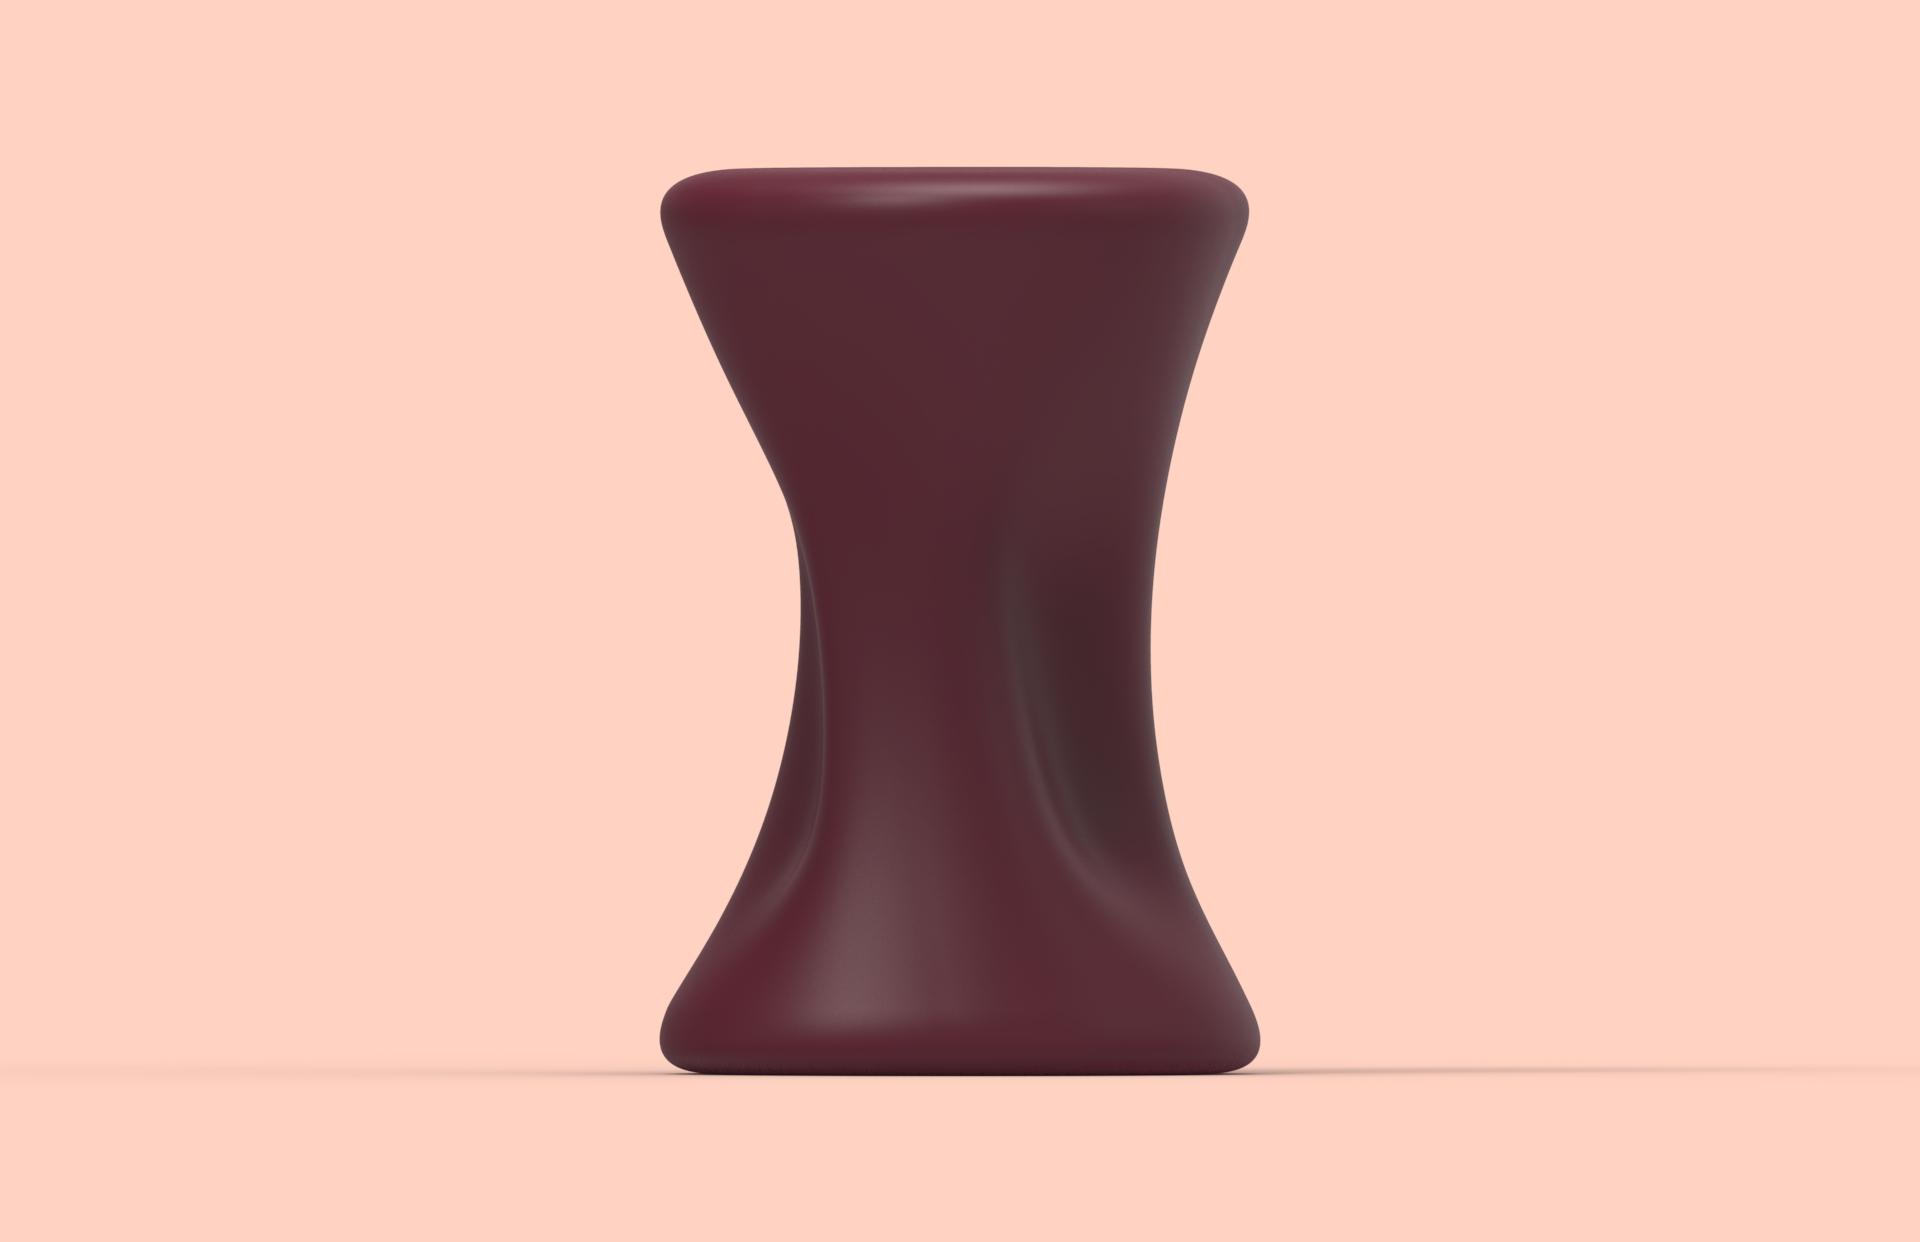 SKINEAL – Tabouret – Modélisation 3D Cote – FR